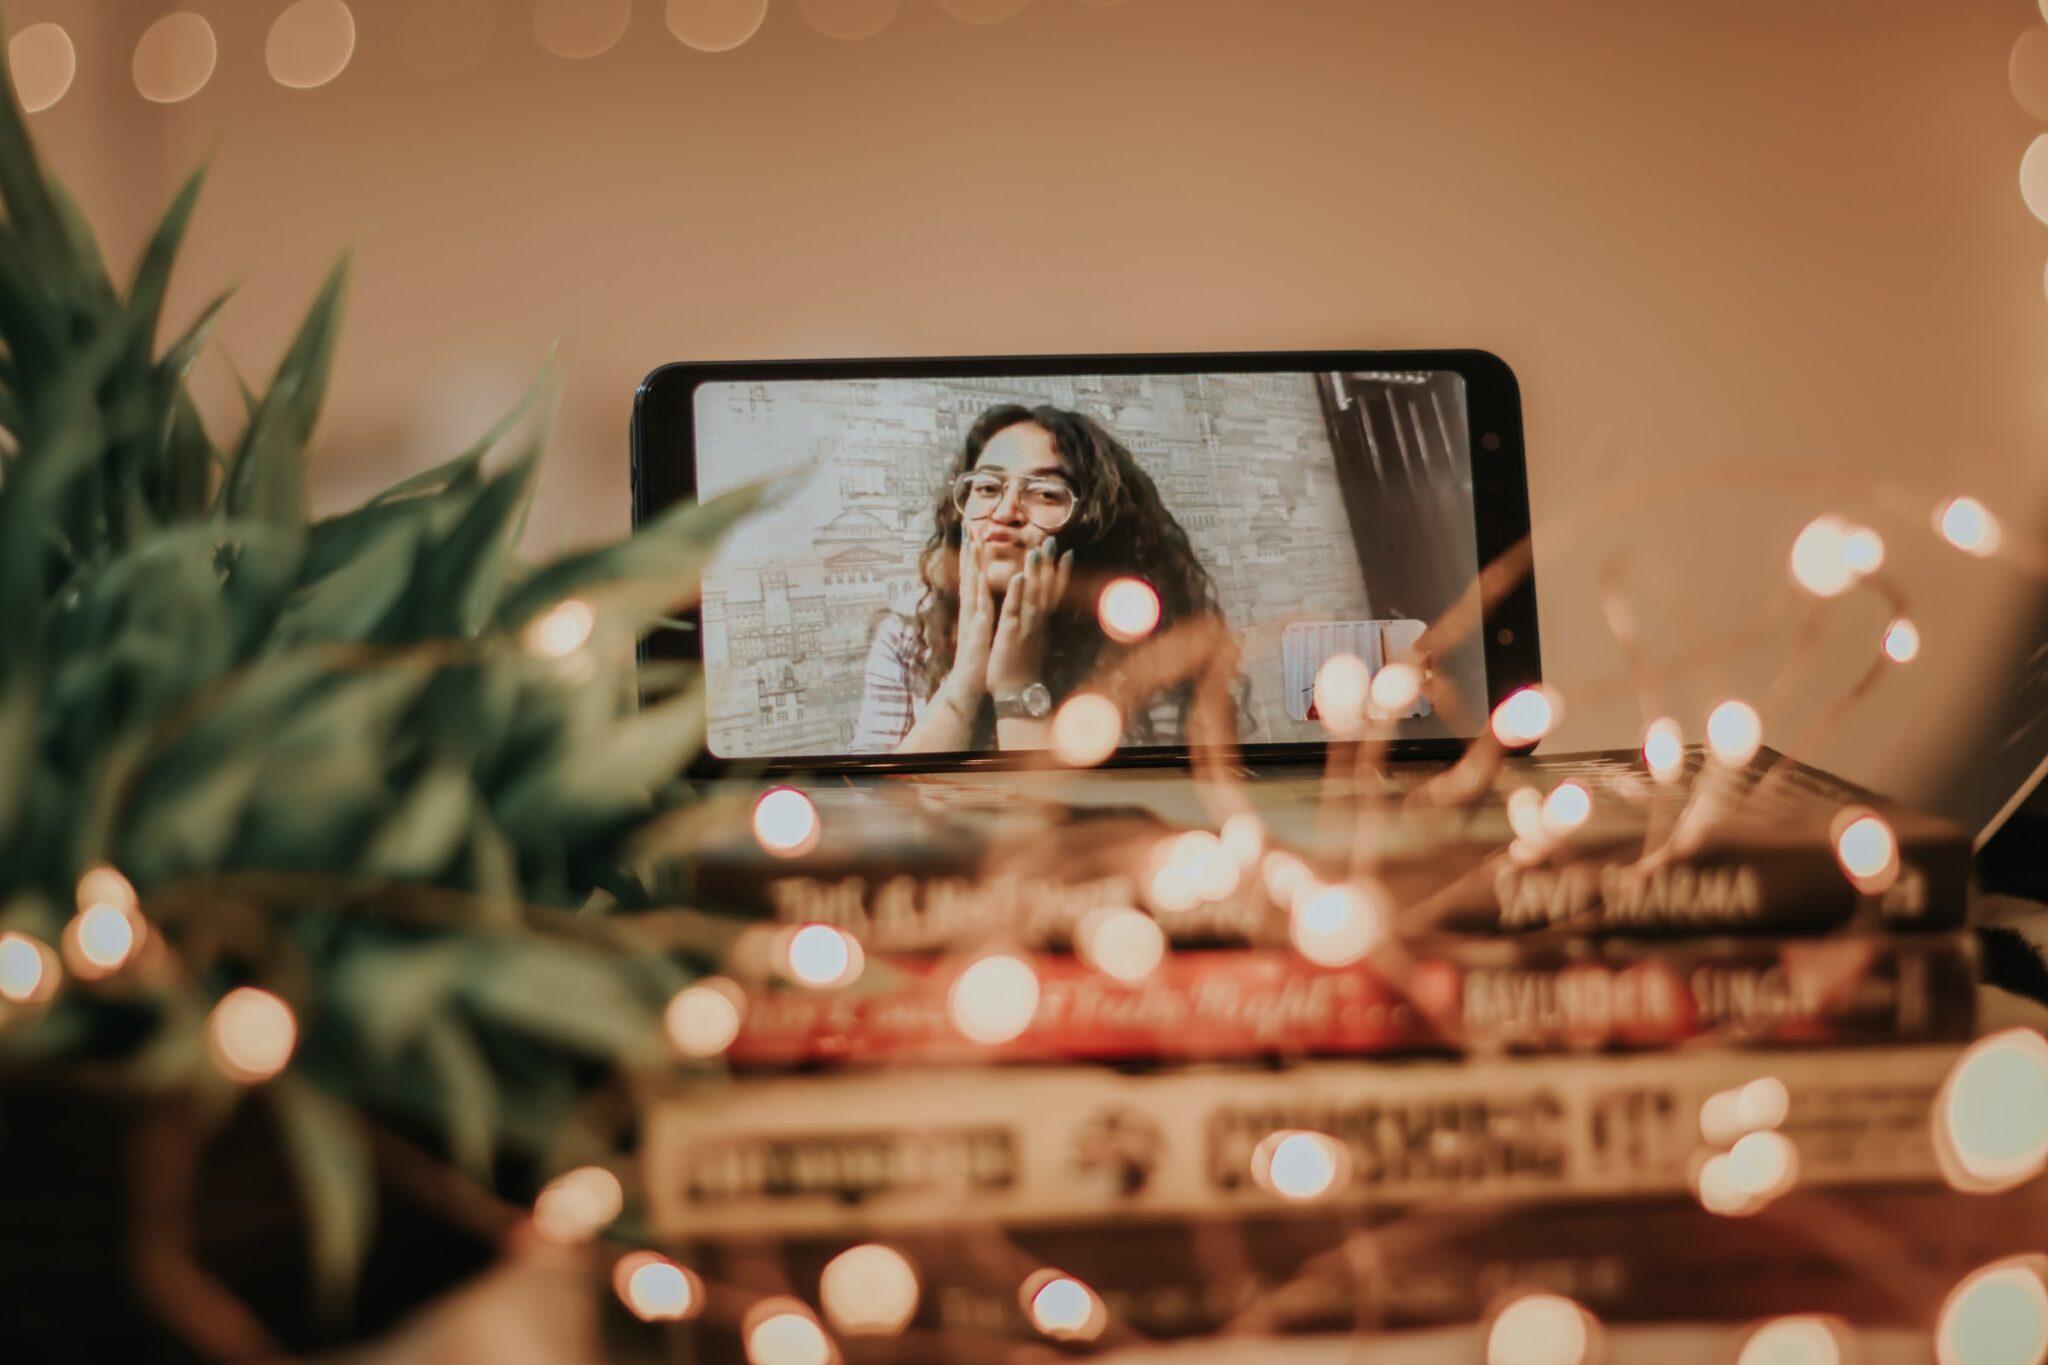 Ein Handy mit Facetime und Lichterdekoration